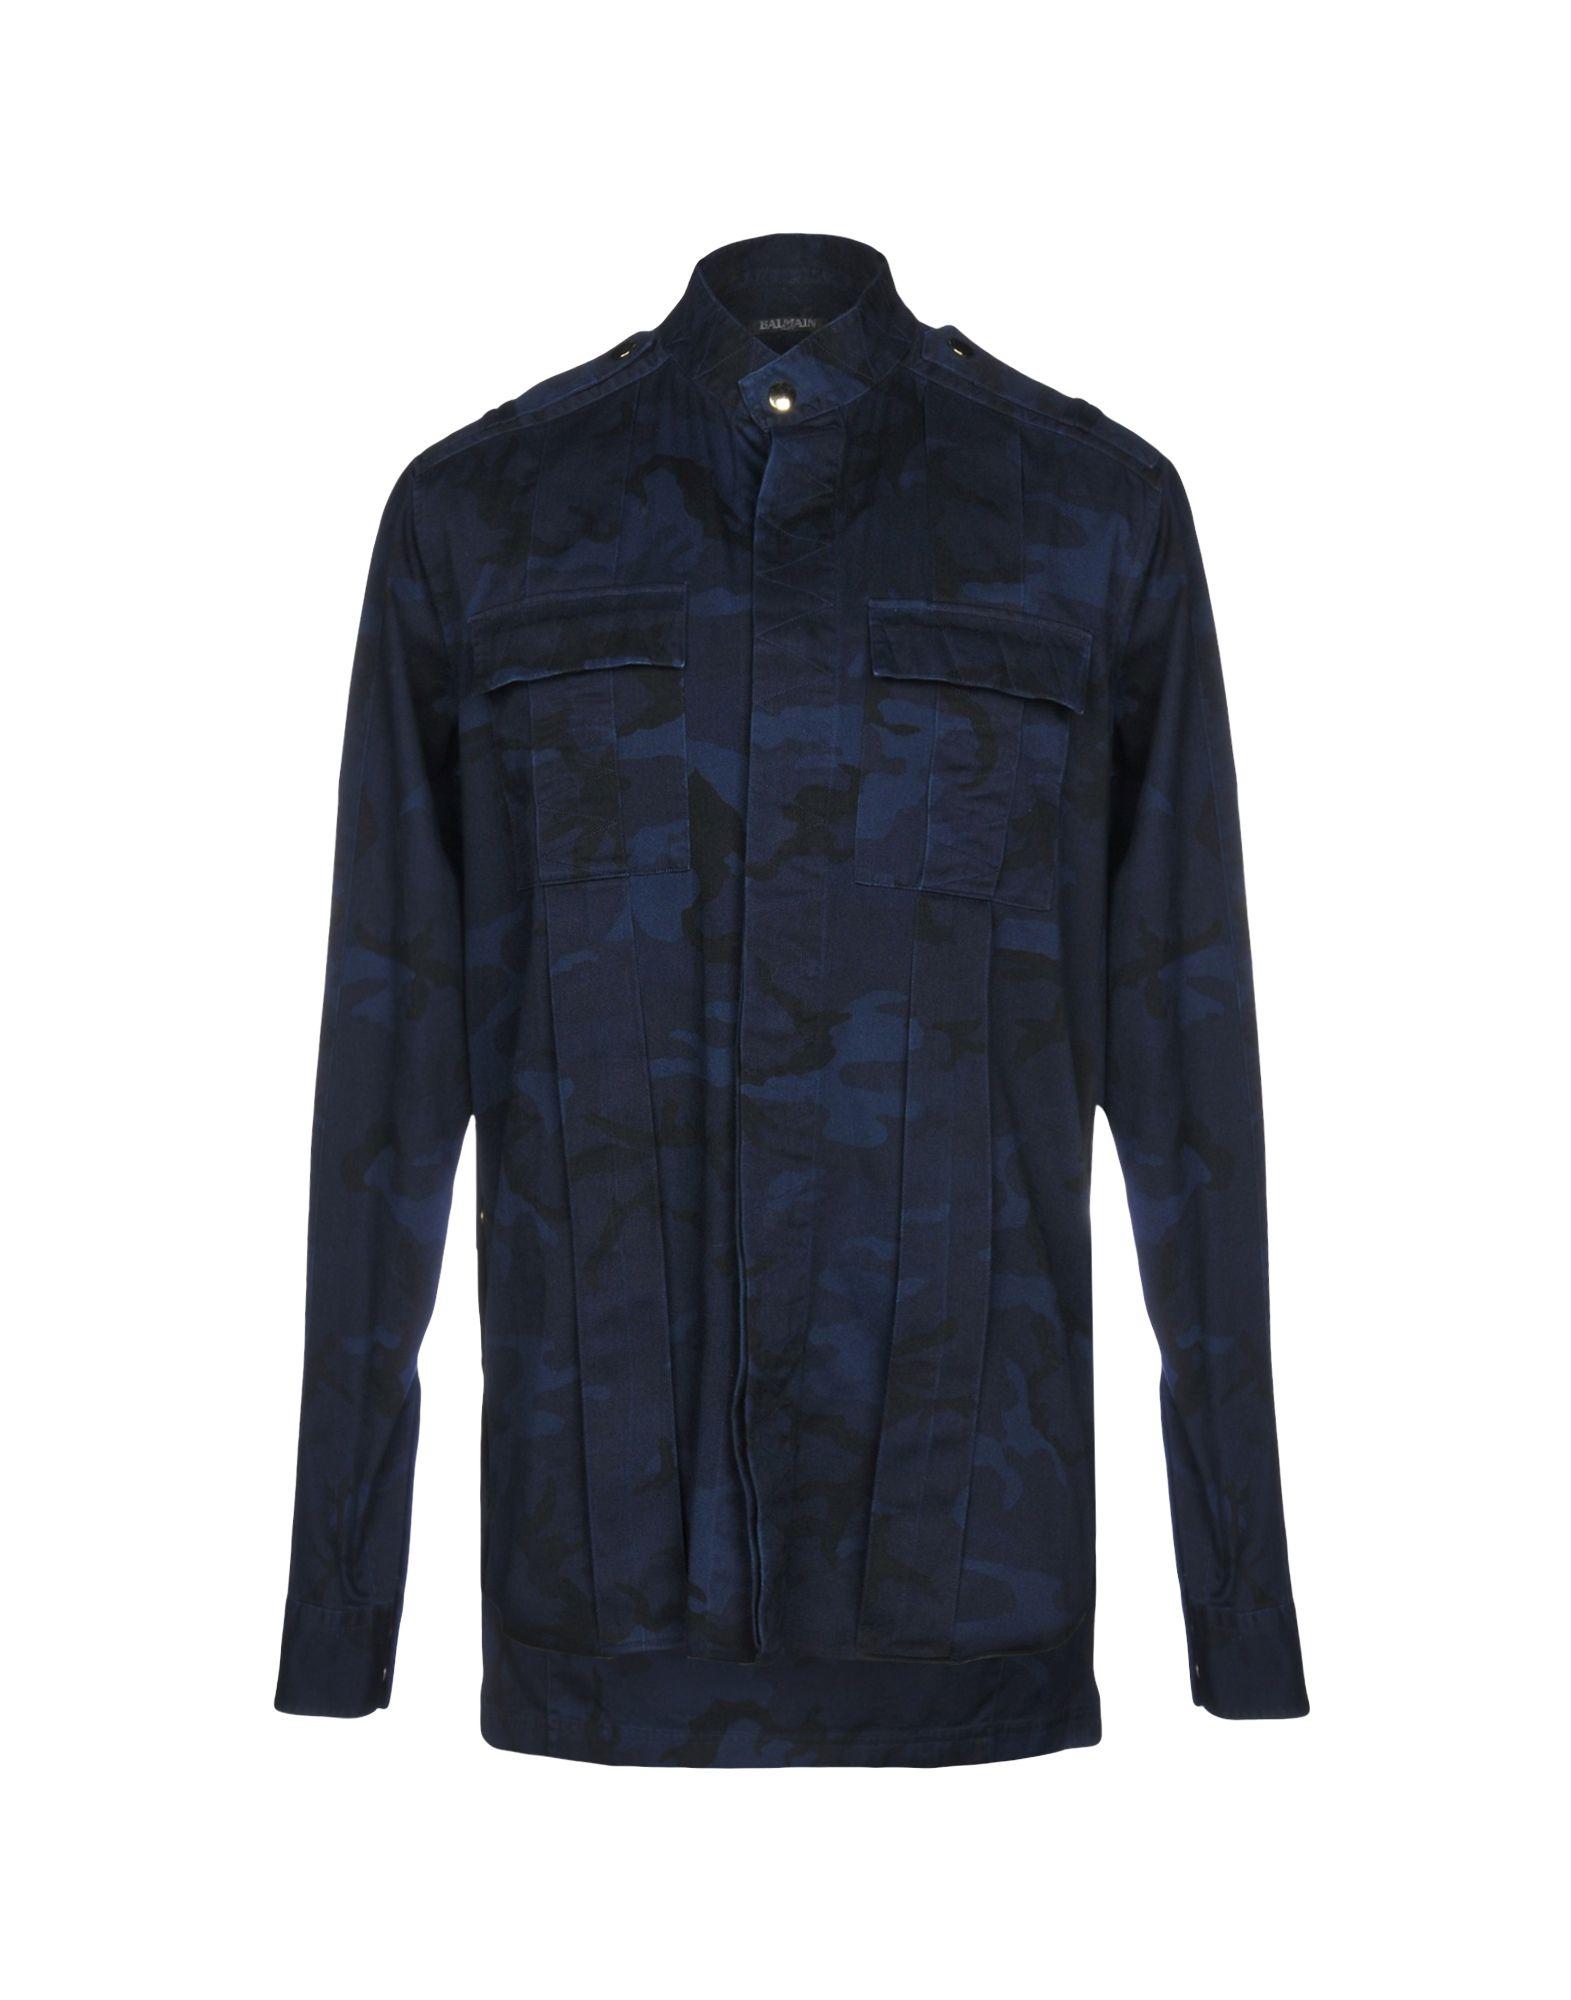 《送料無料》BALMAIN メンズ シャツ ダークブルー 38 コットン 100%